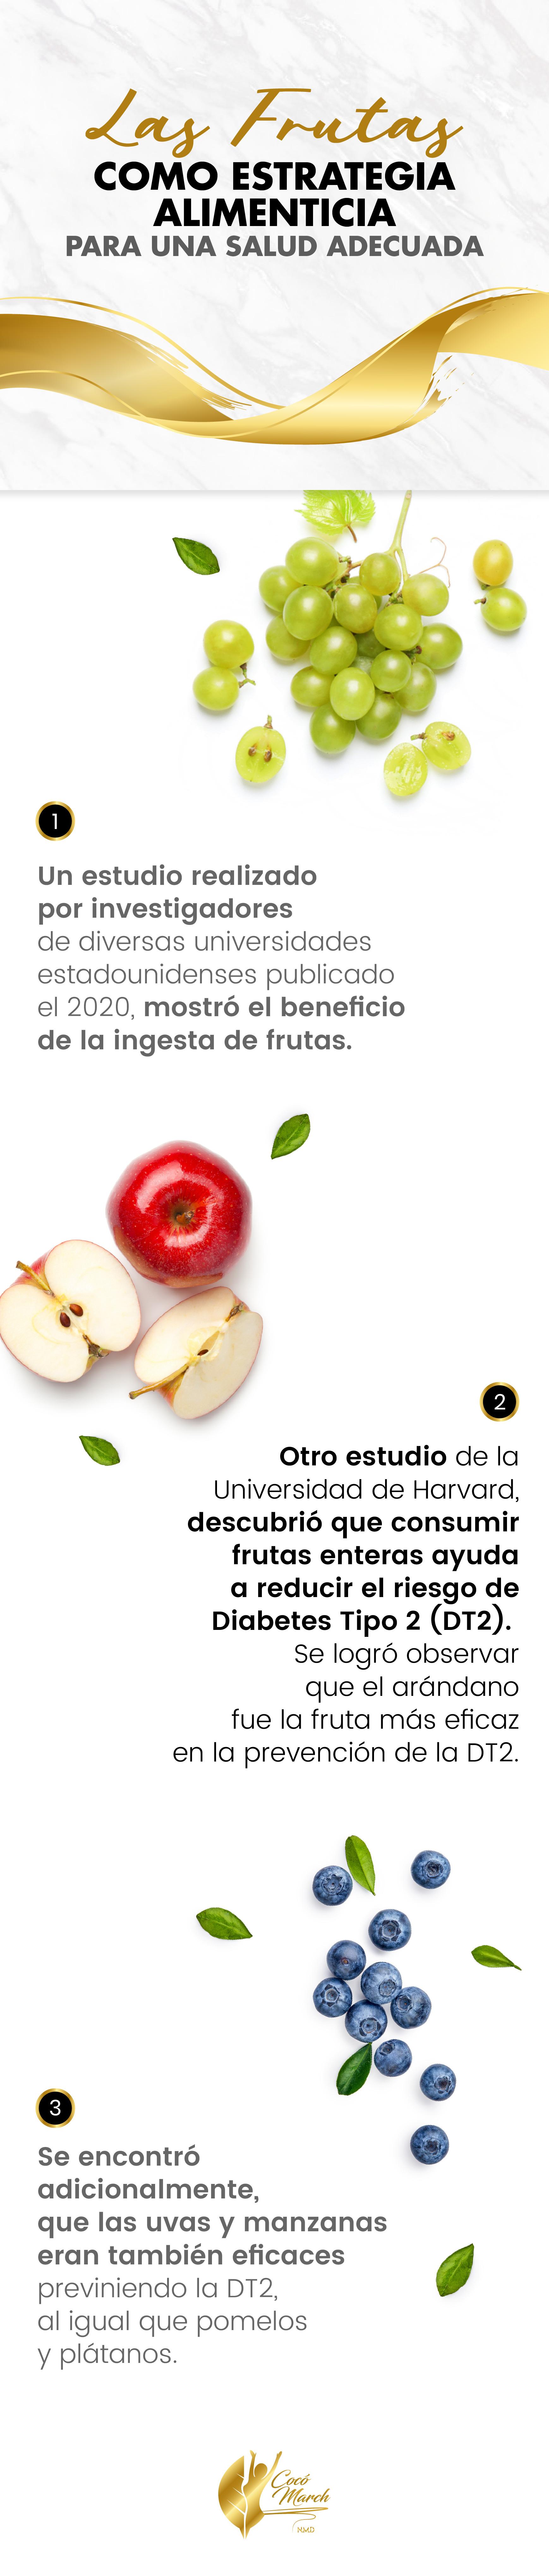 Las-frutas-como-estrategia-alimenticia-para-una-salud-adecuada